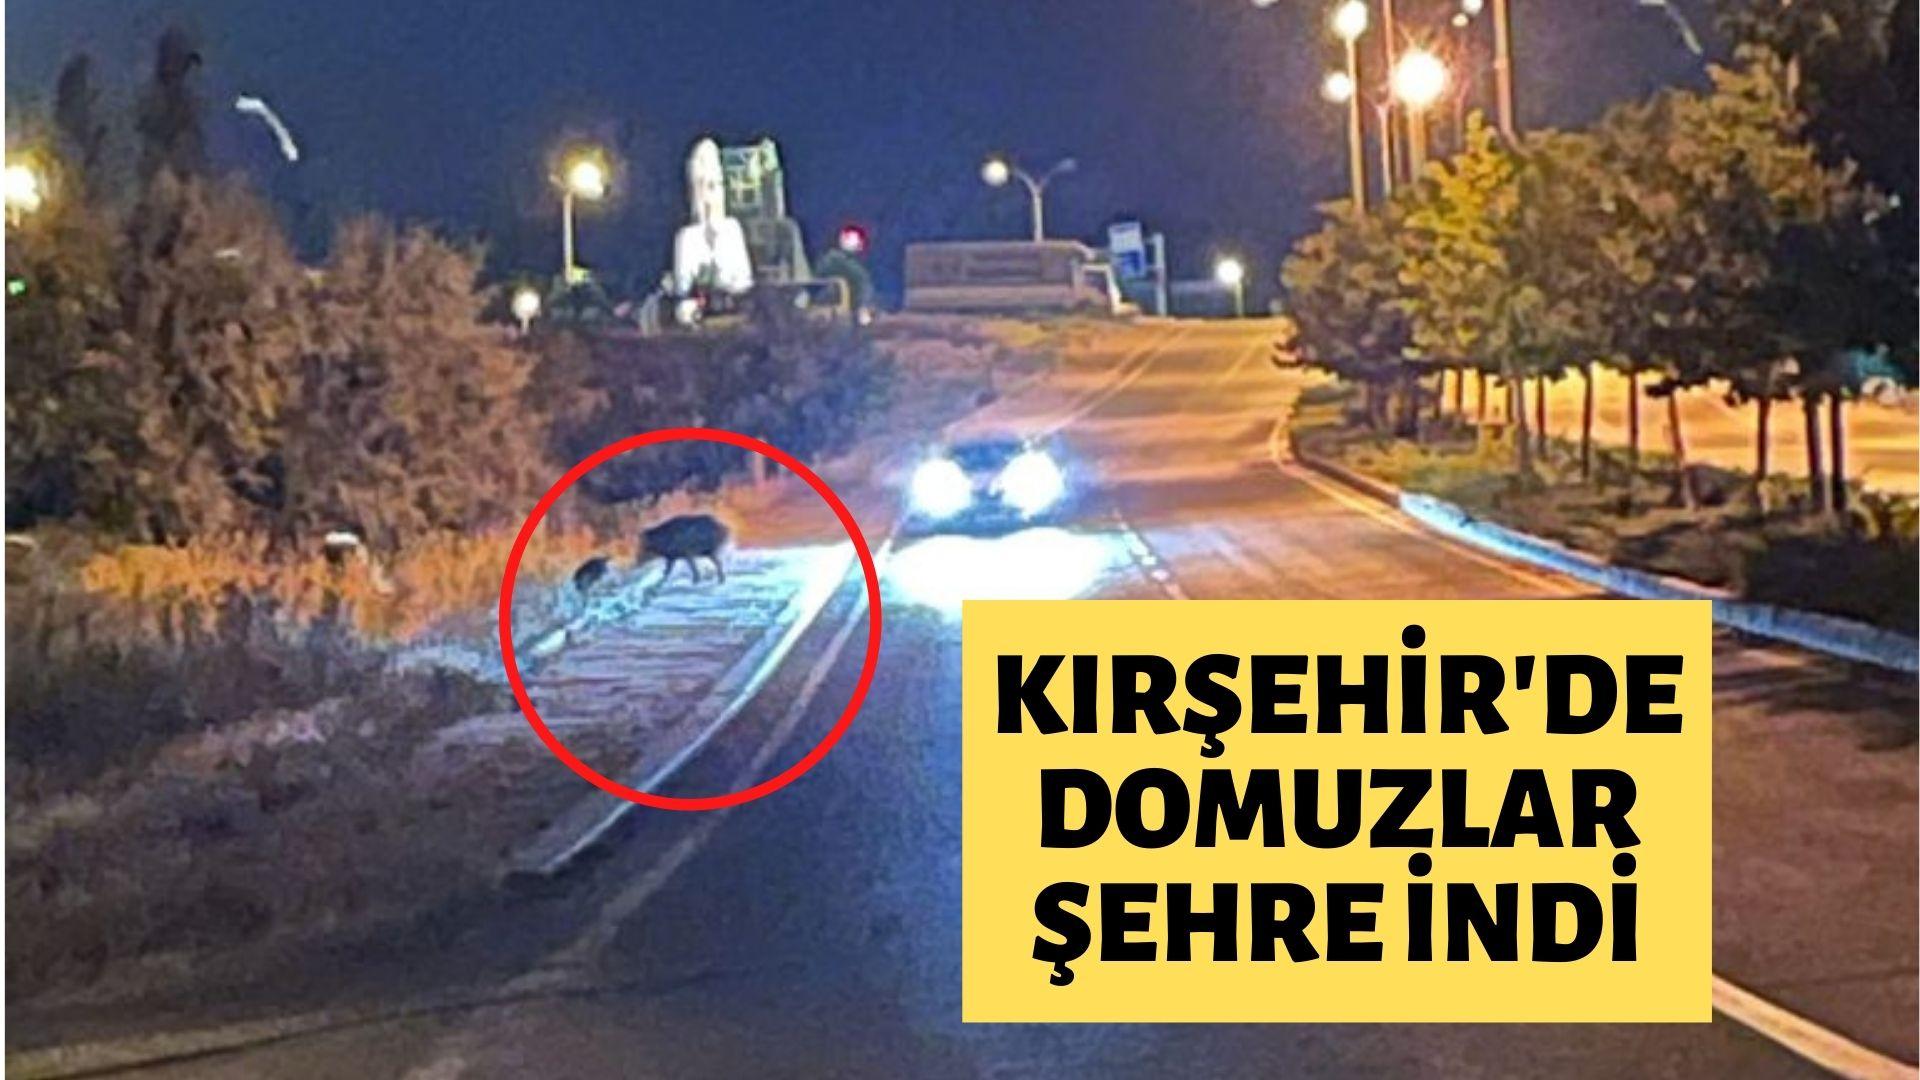 Kırşehir'de domuzlar şehre indi